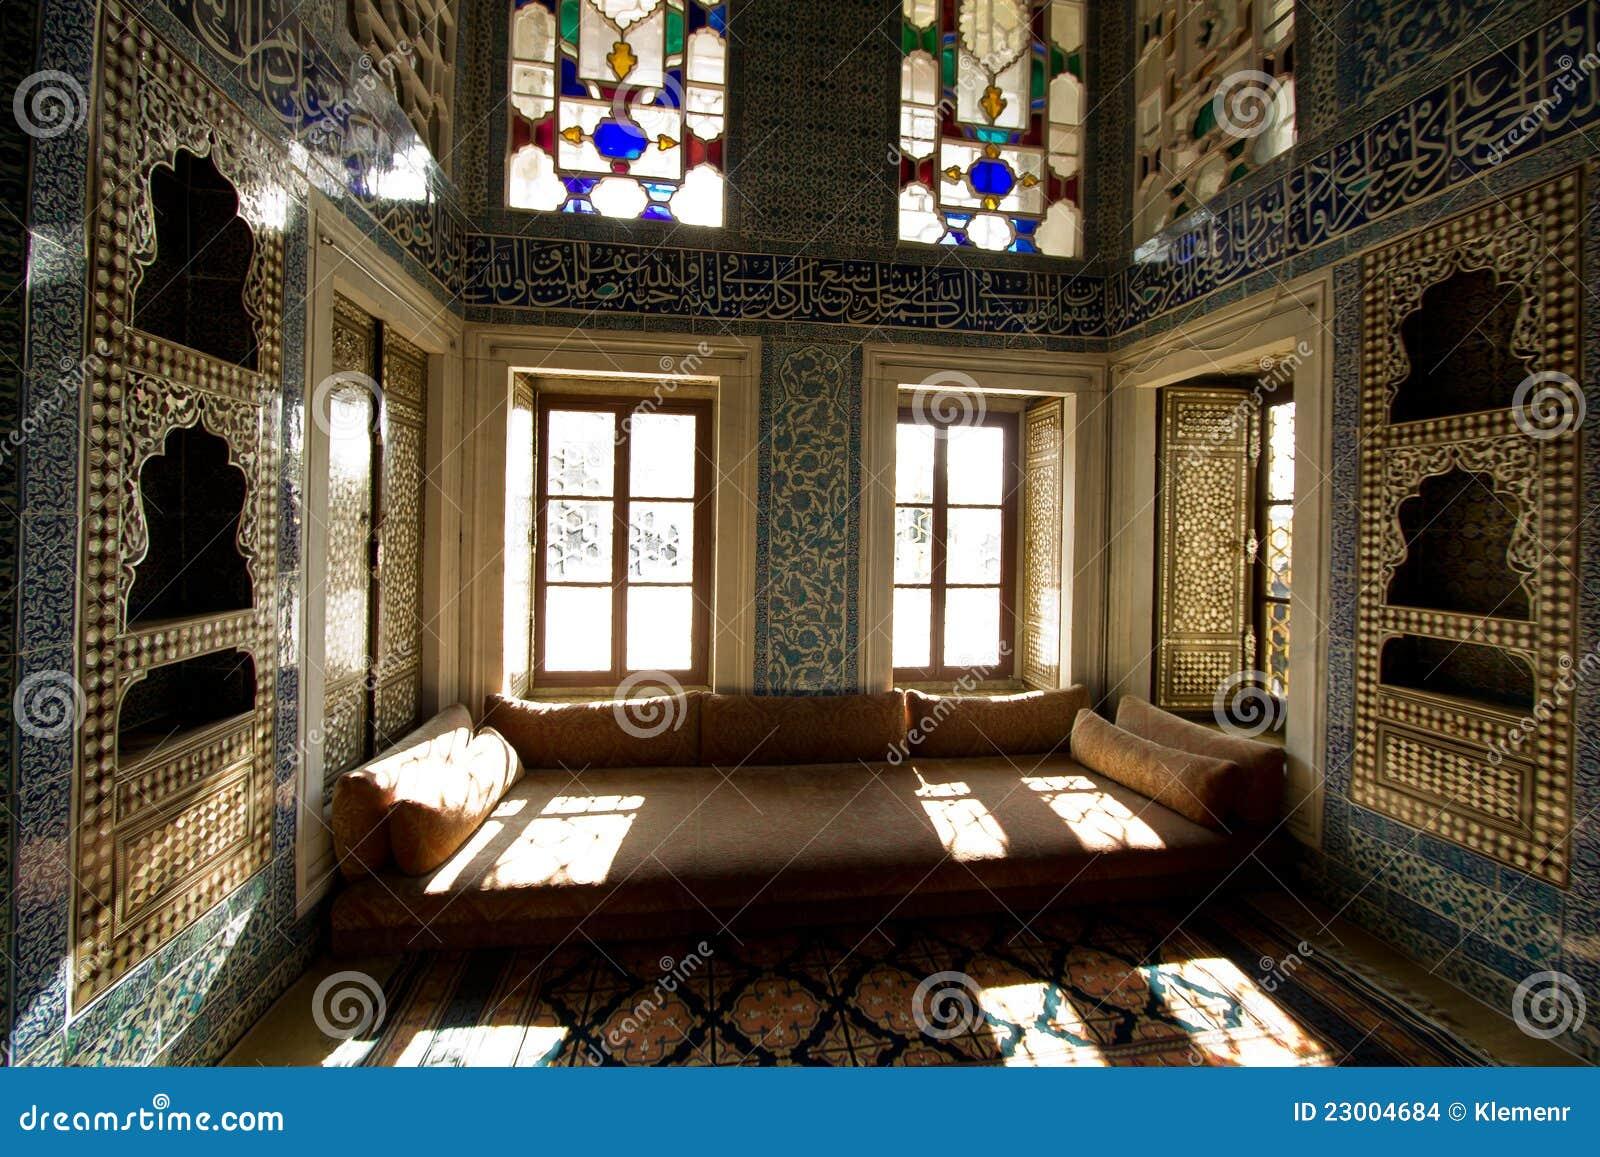 Particolari della stanza del sultano della turchia all for Grande disposizione della stanza